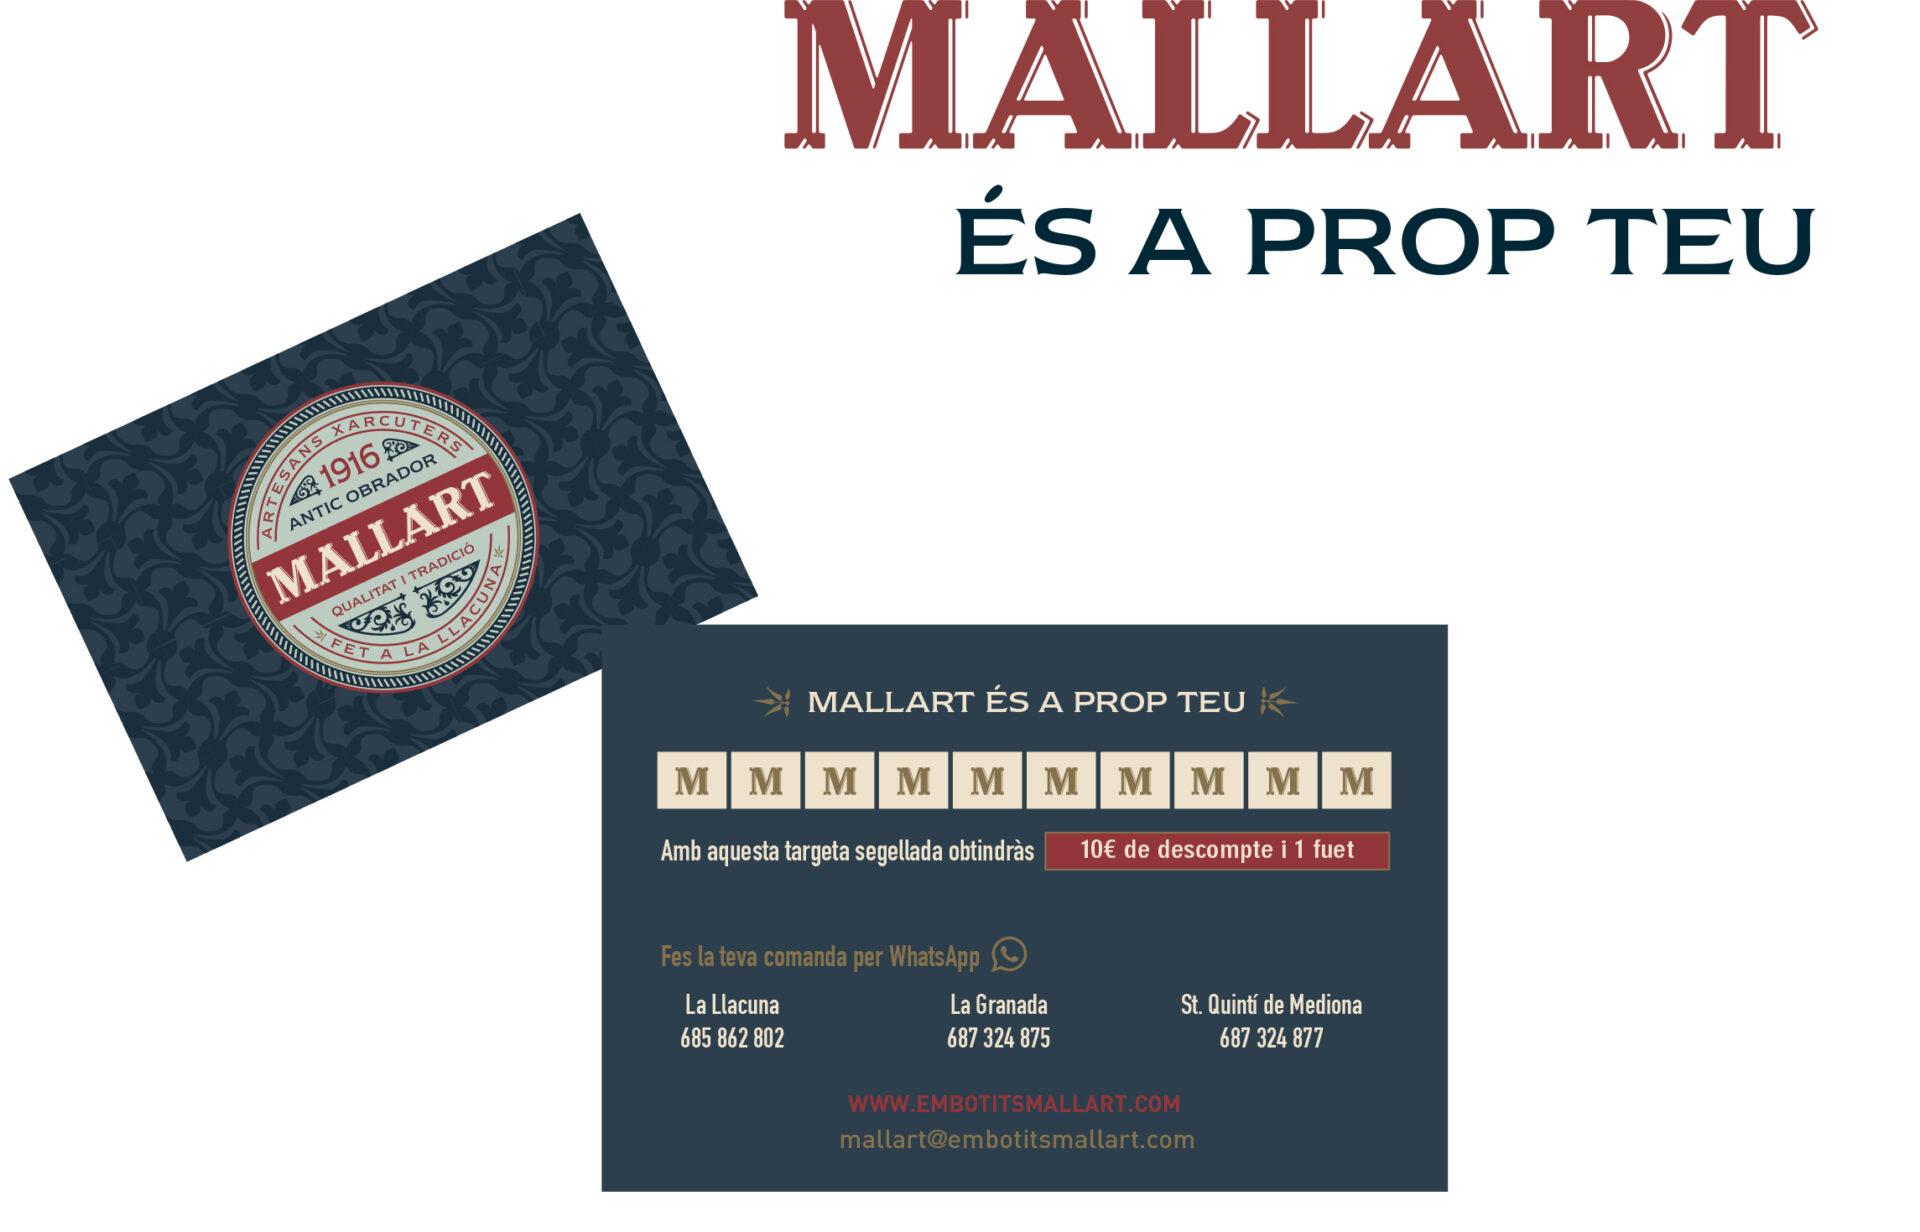 Nova Targeta: Mallart és a prop teu